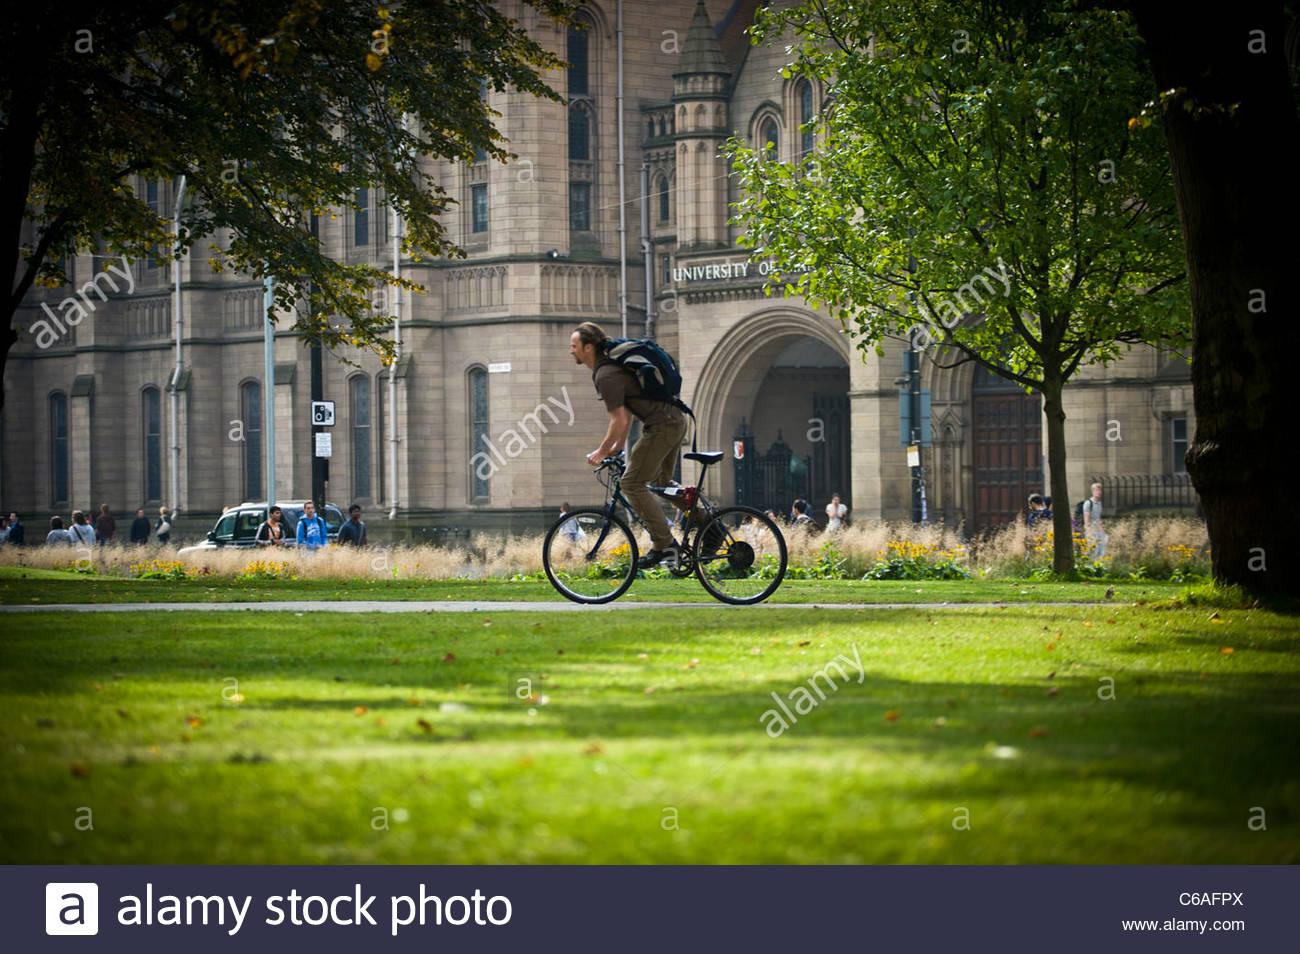 totale der weißen männlichen Studenten auf Fahrrad Radfahren auf Pfad zwischen Grünfläche am Stockbild